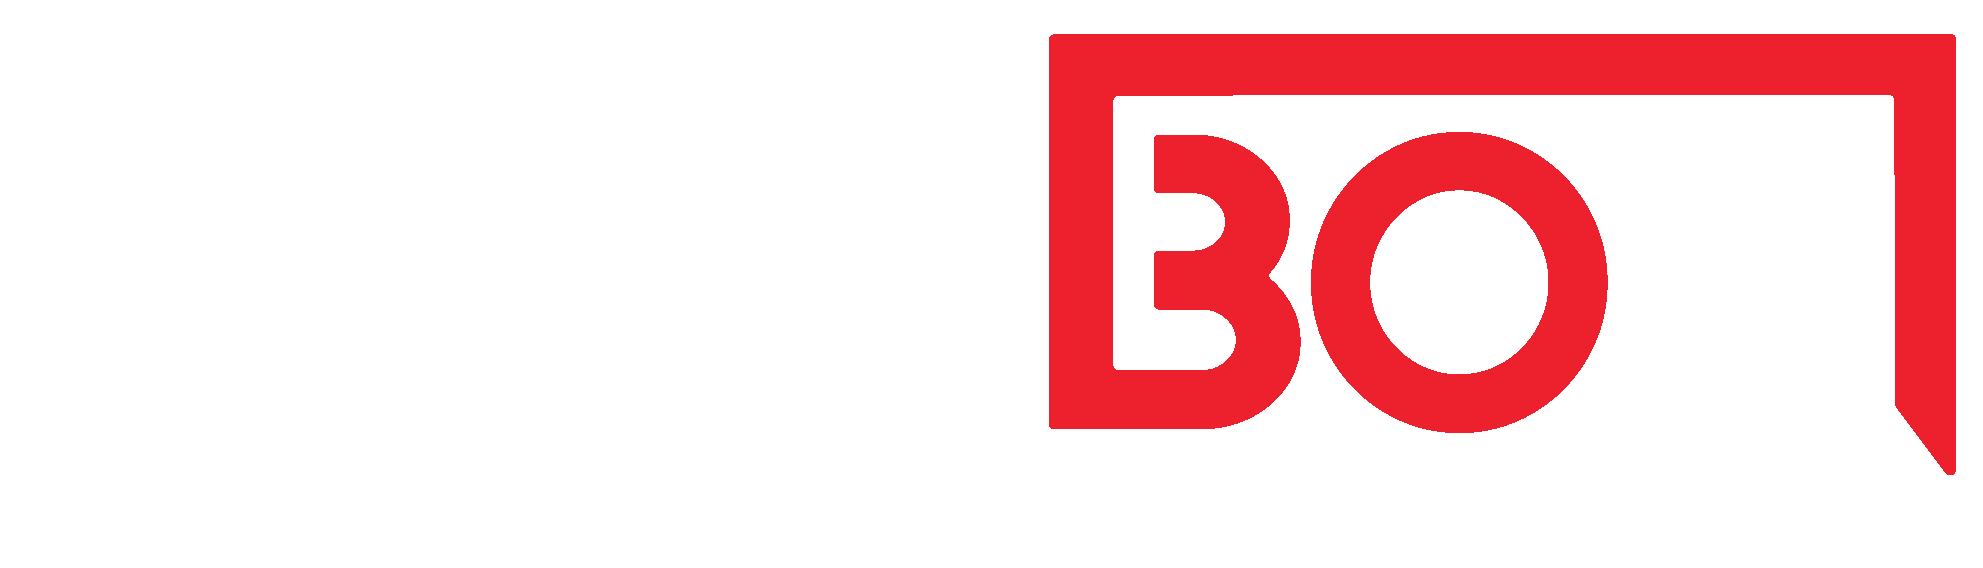 YeahBox Brand Logo